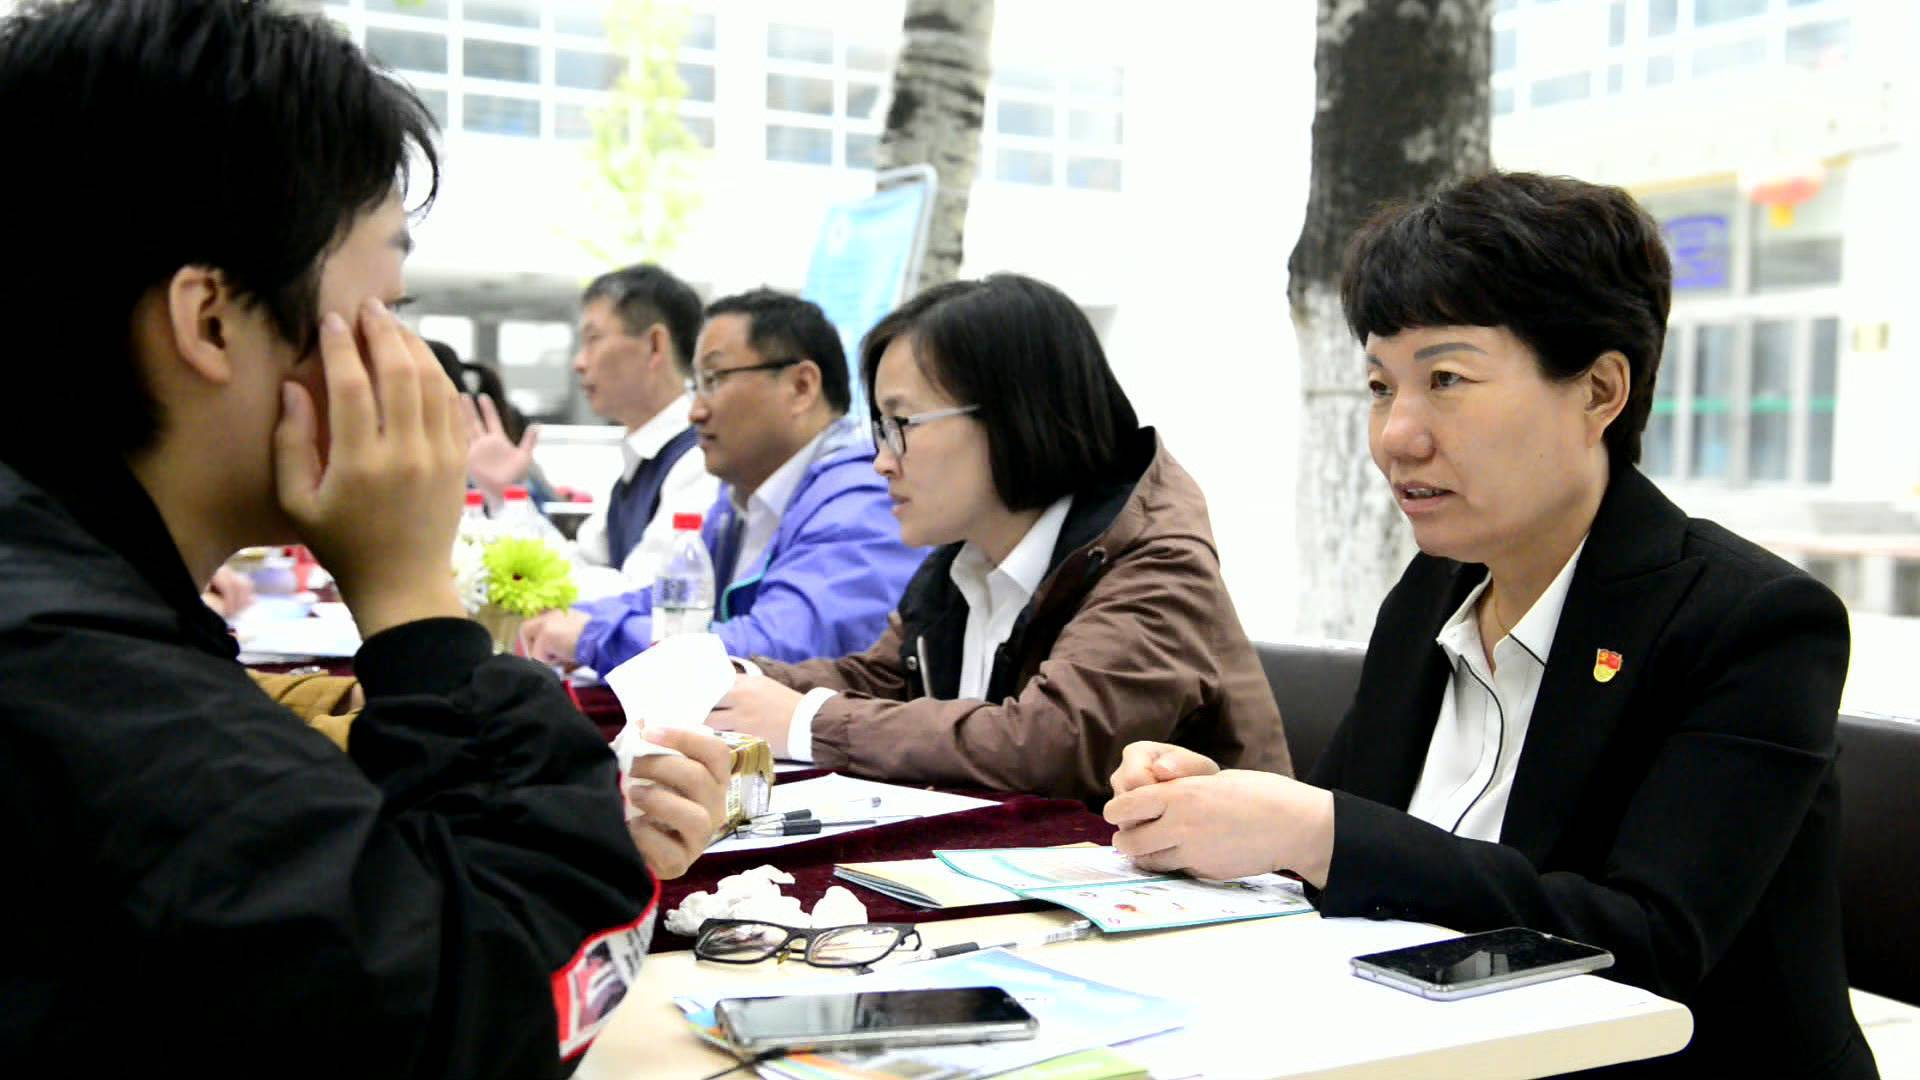 山东省精神卫生中心心理健康宣讲进校园